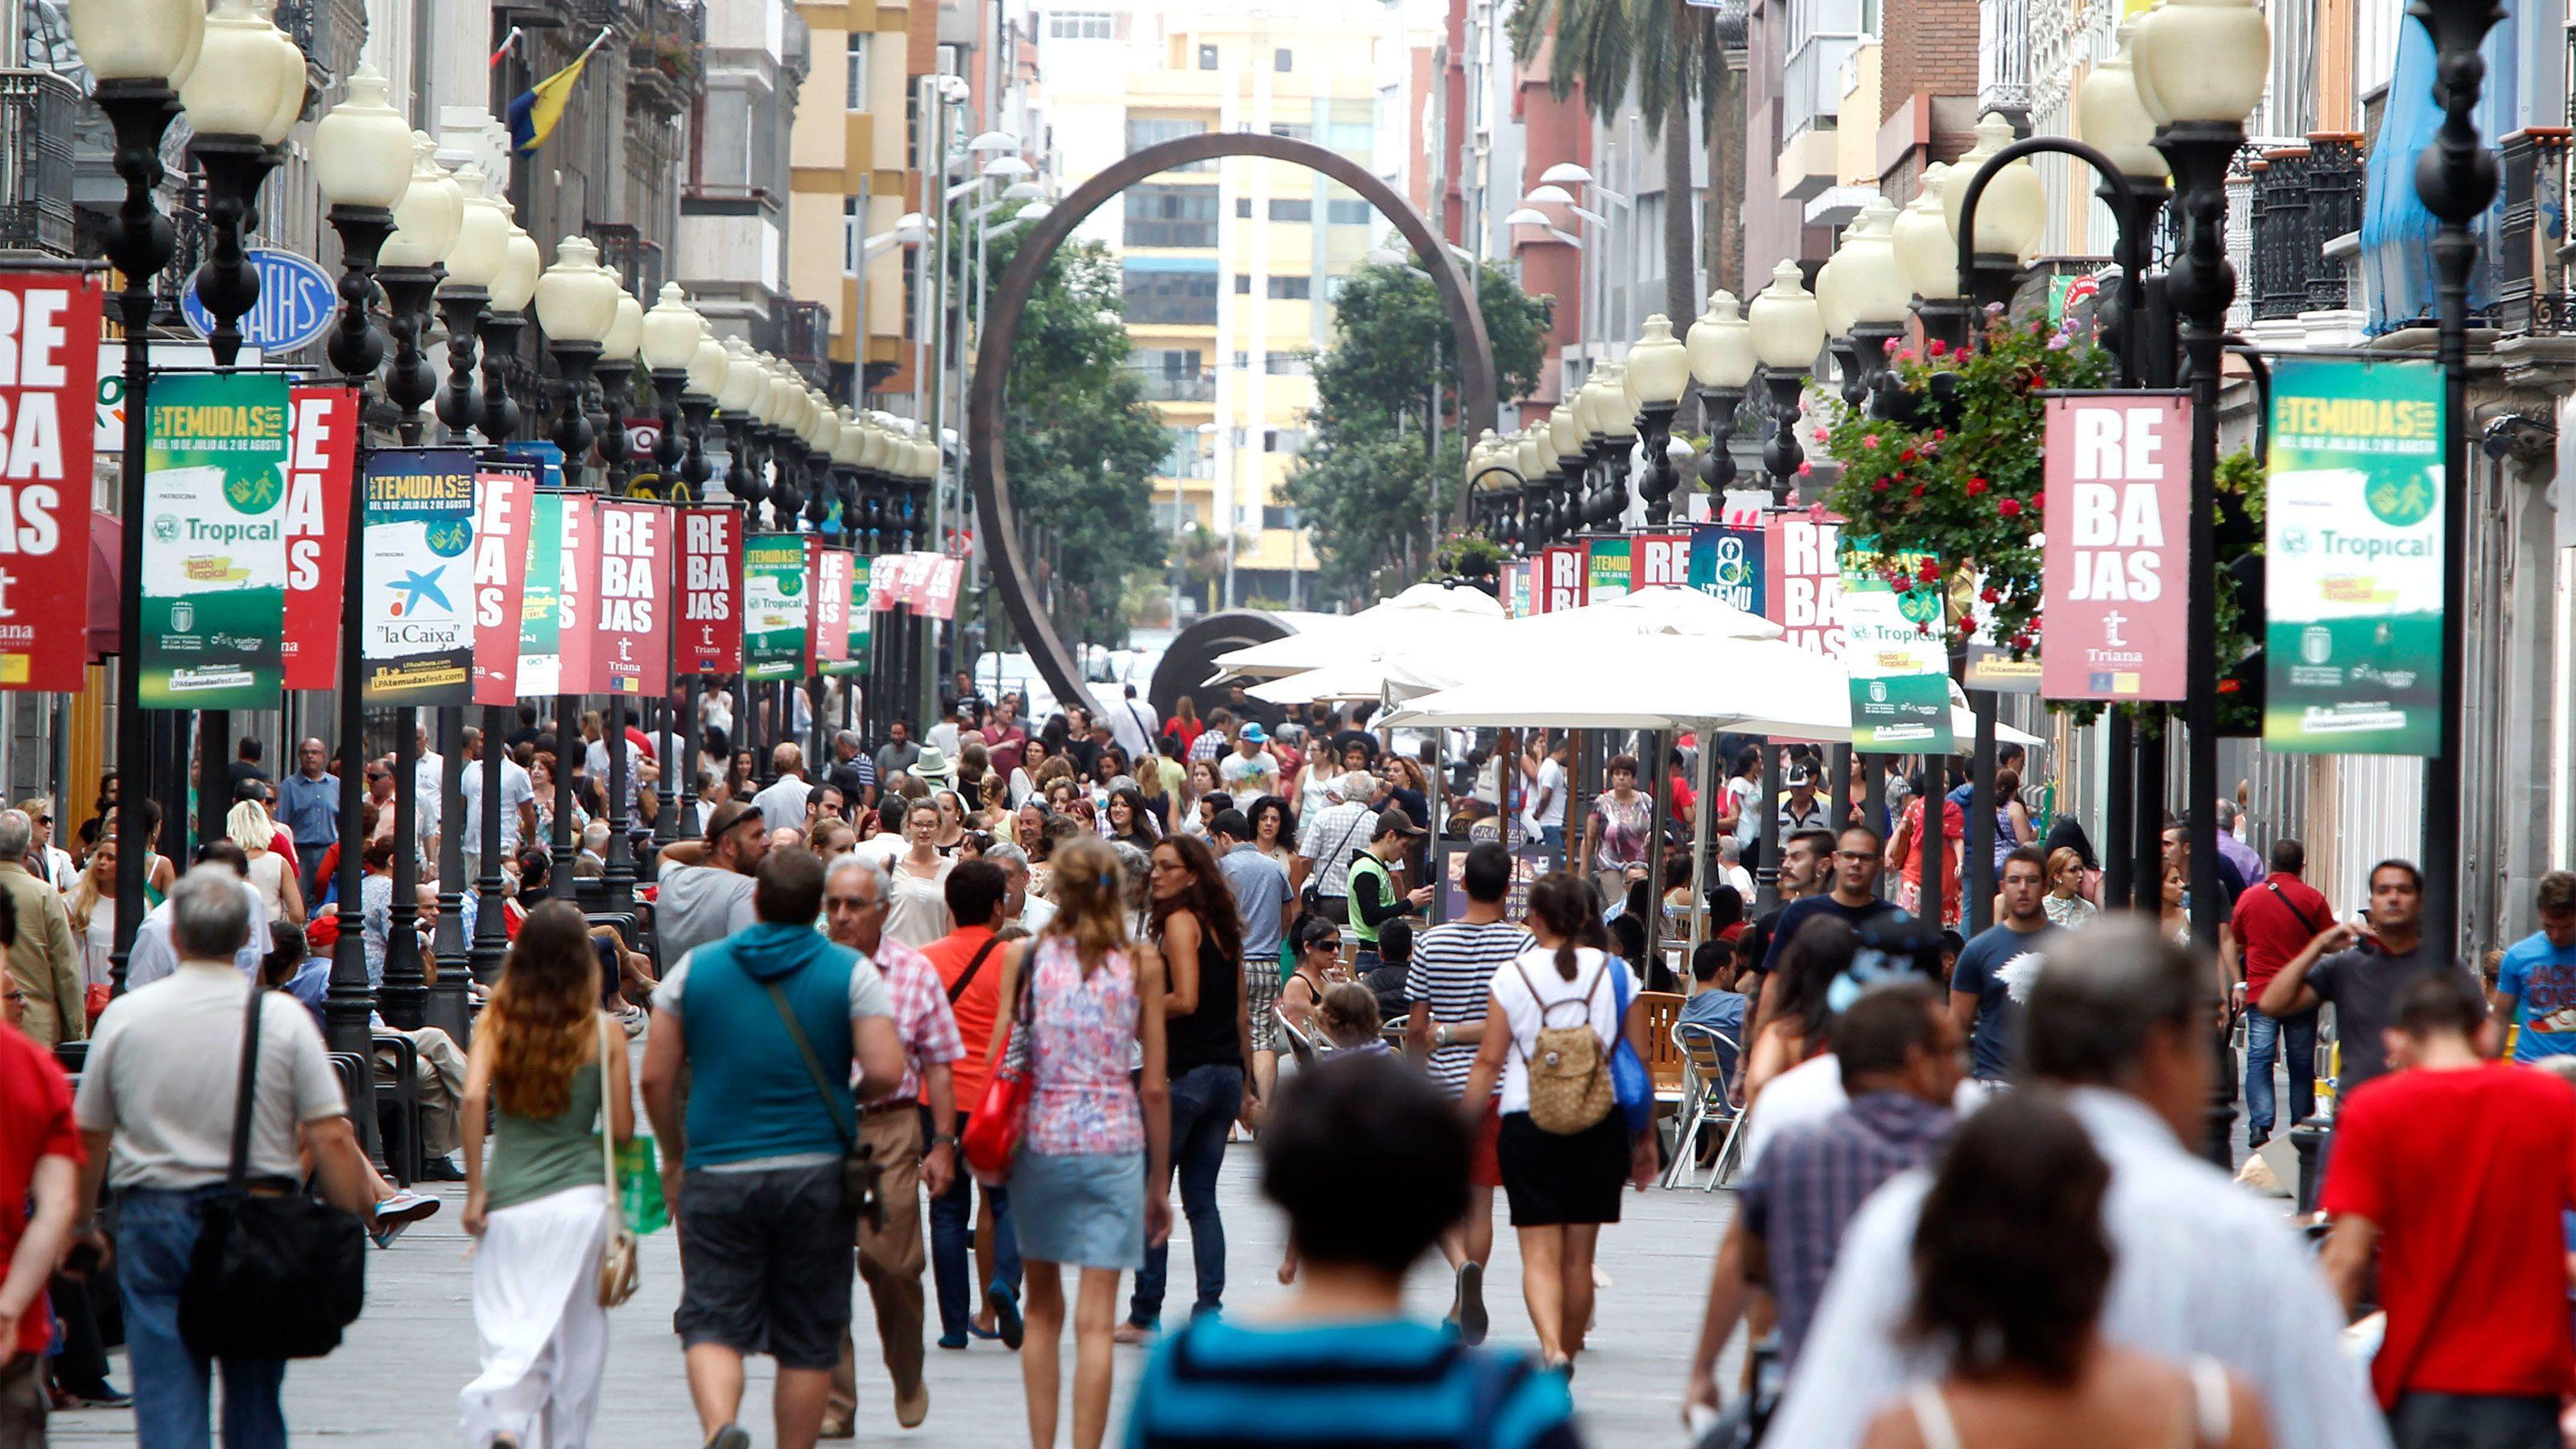 Crowded pedestrian street in Las Palmas de Gran Canaria